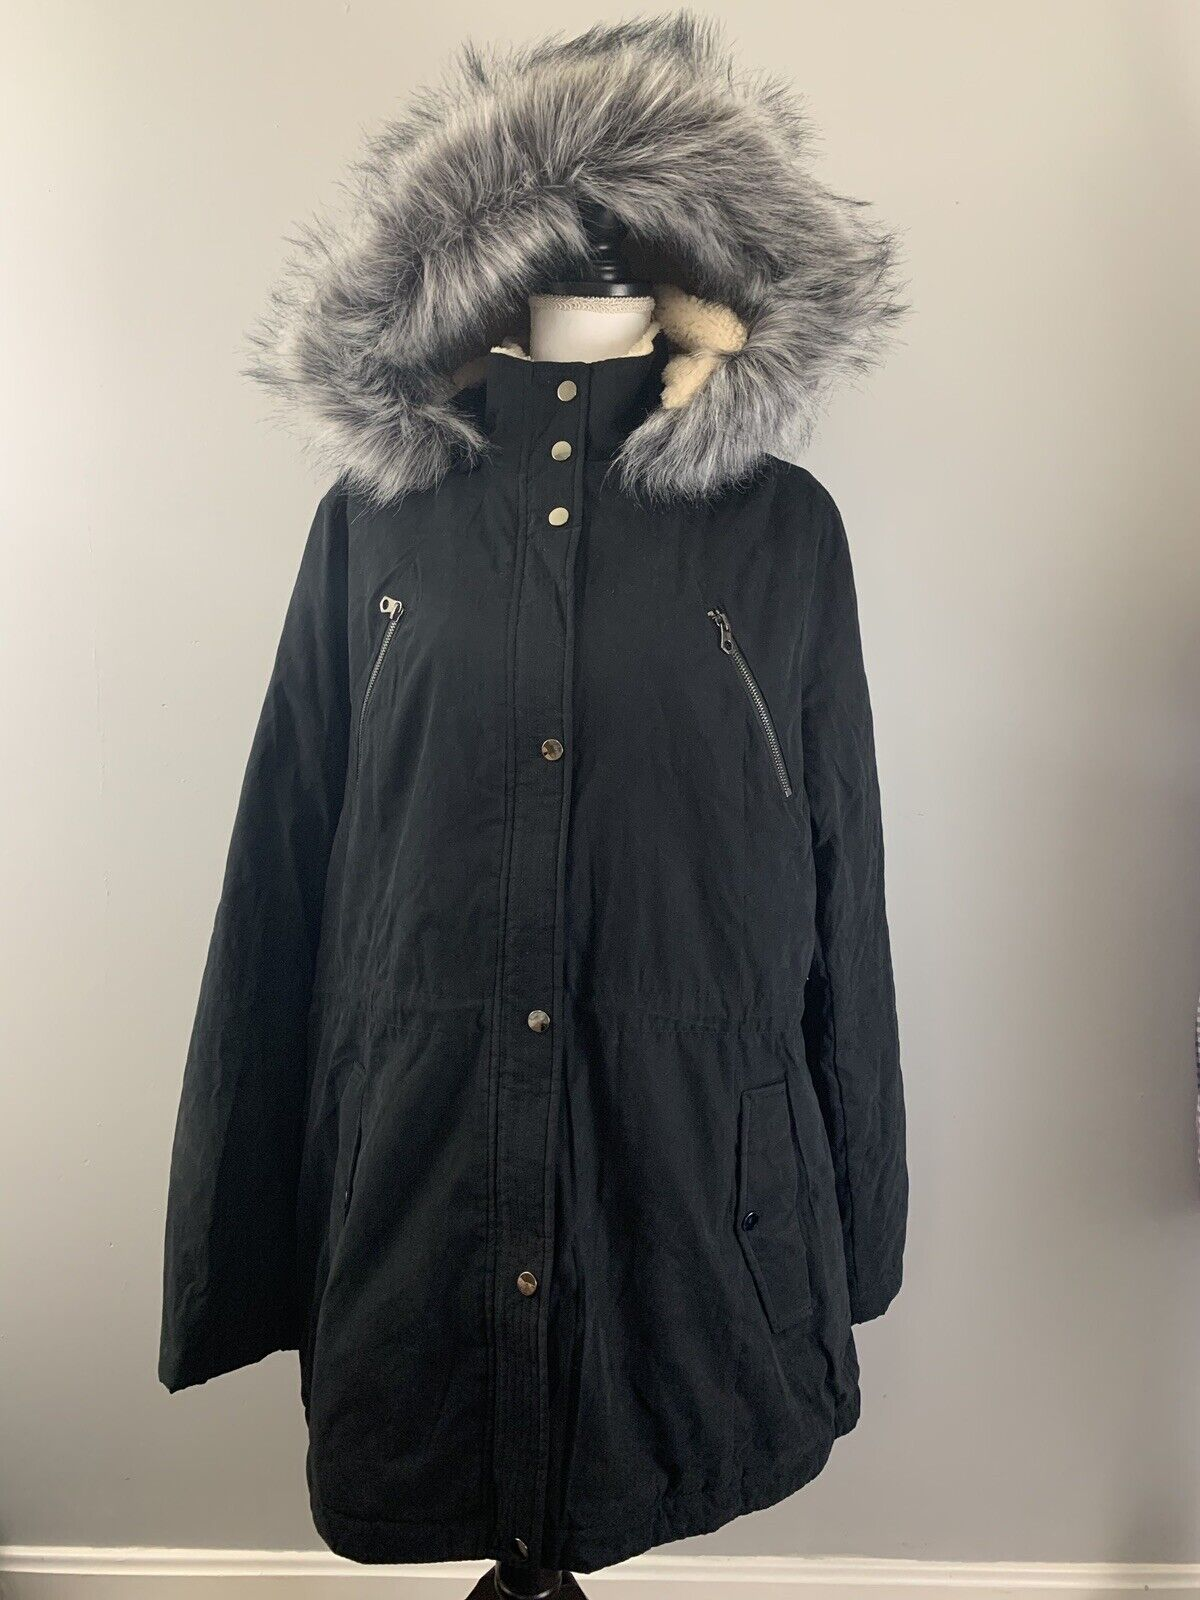 LIZ CLAIBORNE NWT $200 Winter Coat Black Removable Faux Fur